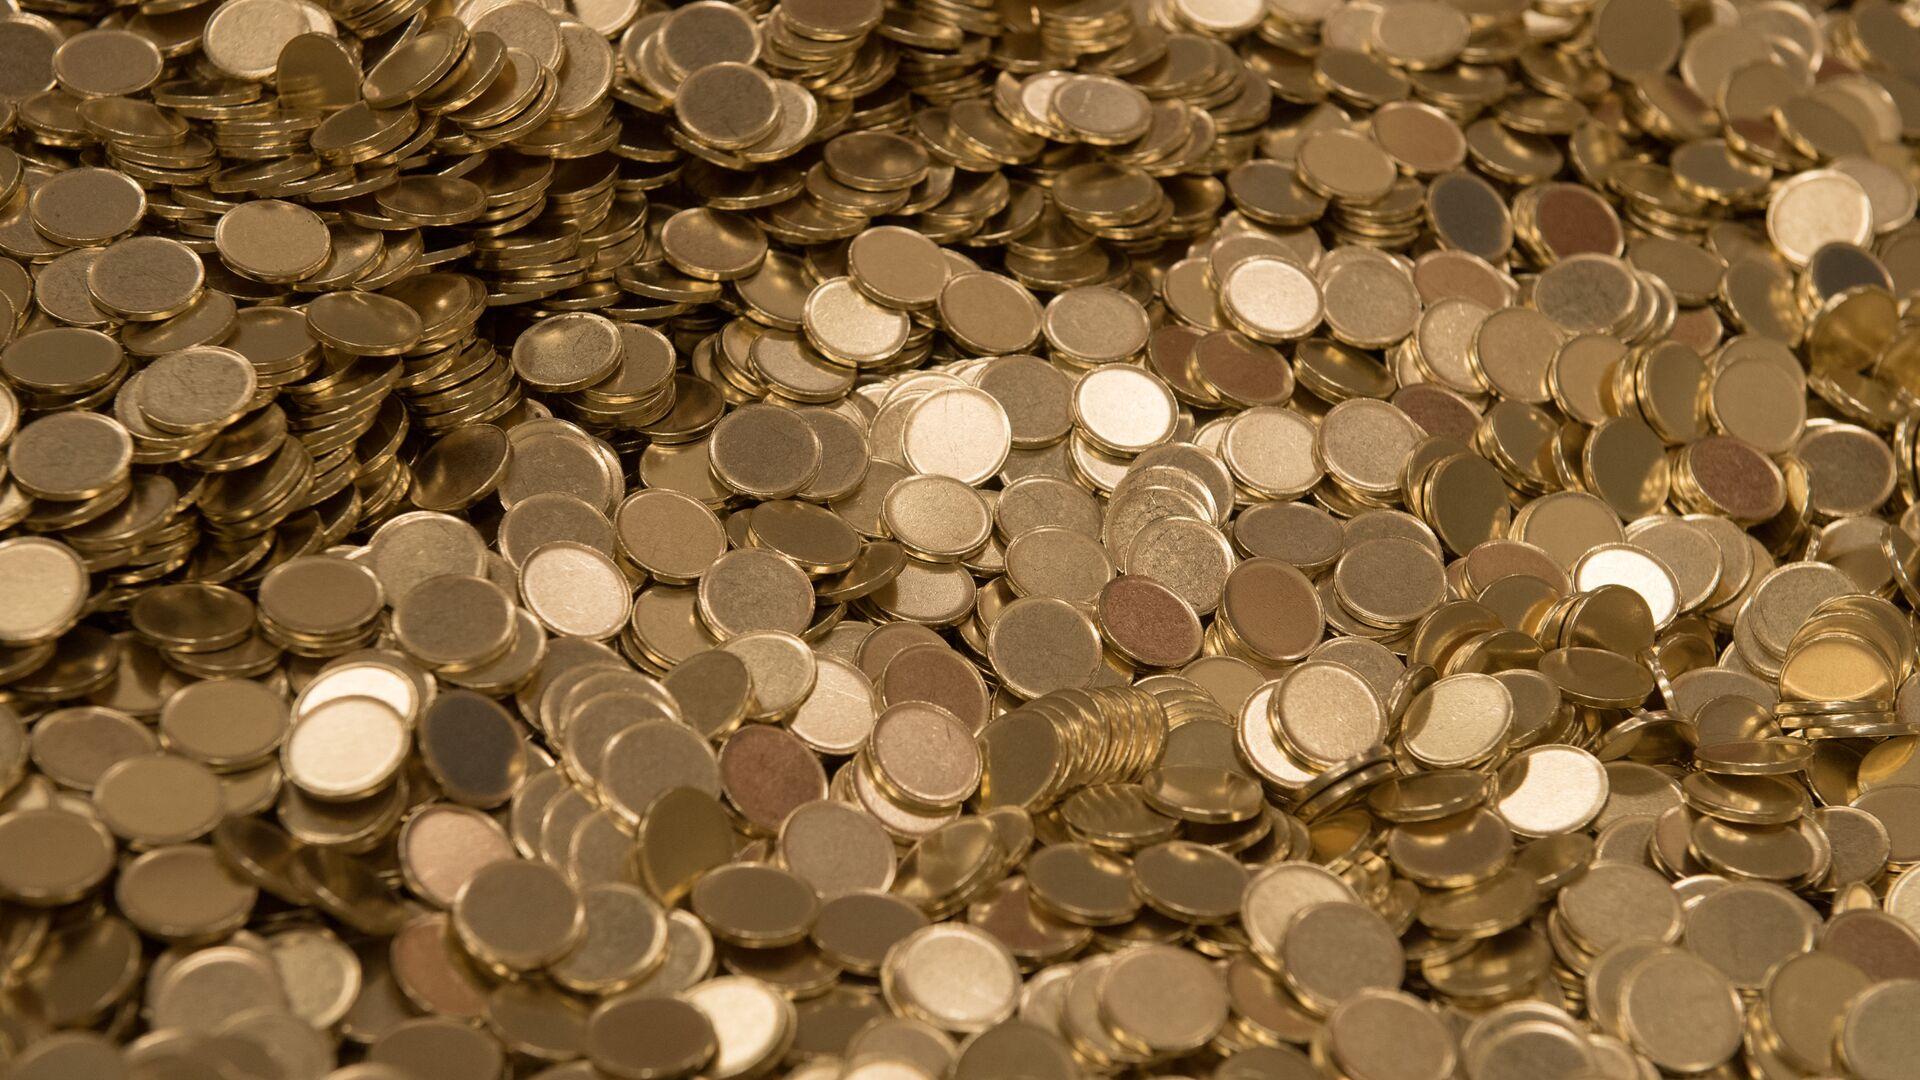 Заготовки для чеканки монет  - Sputnik Узбекистан, 1920, 21.09.2021